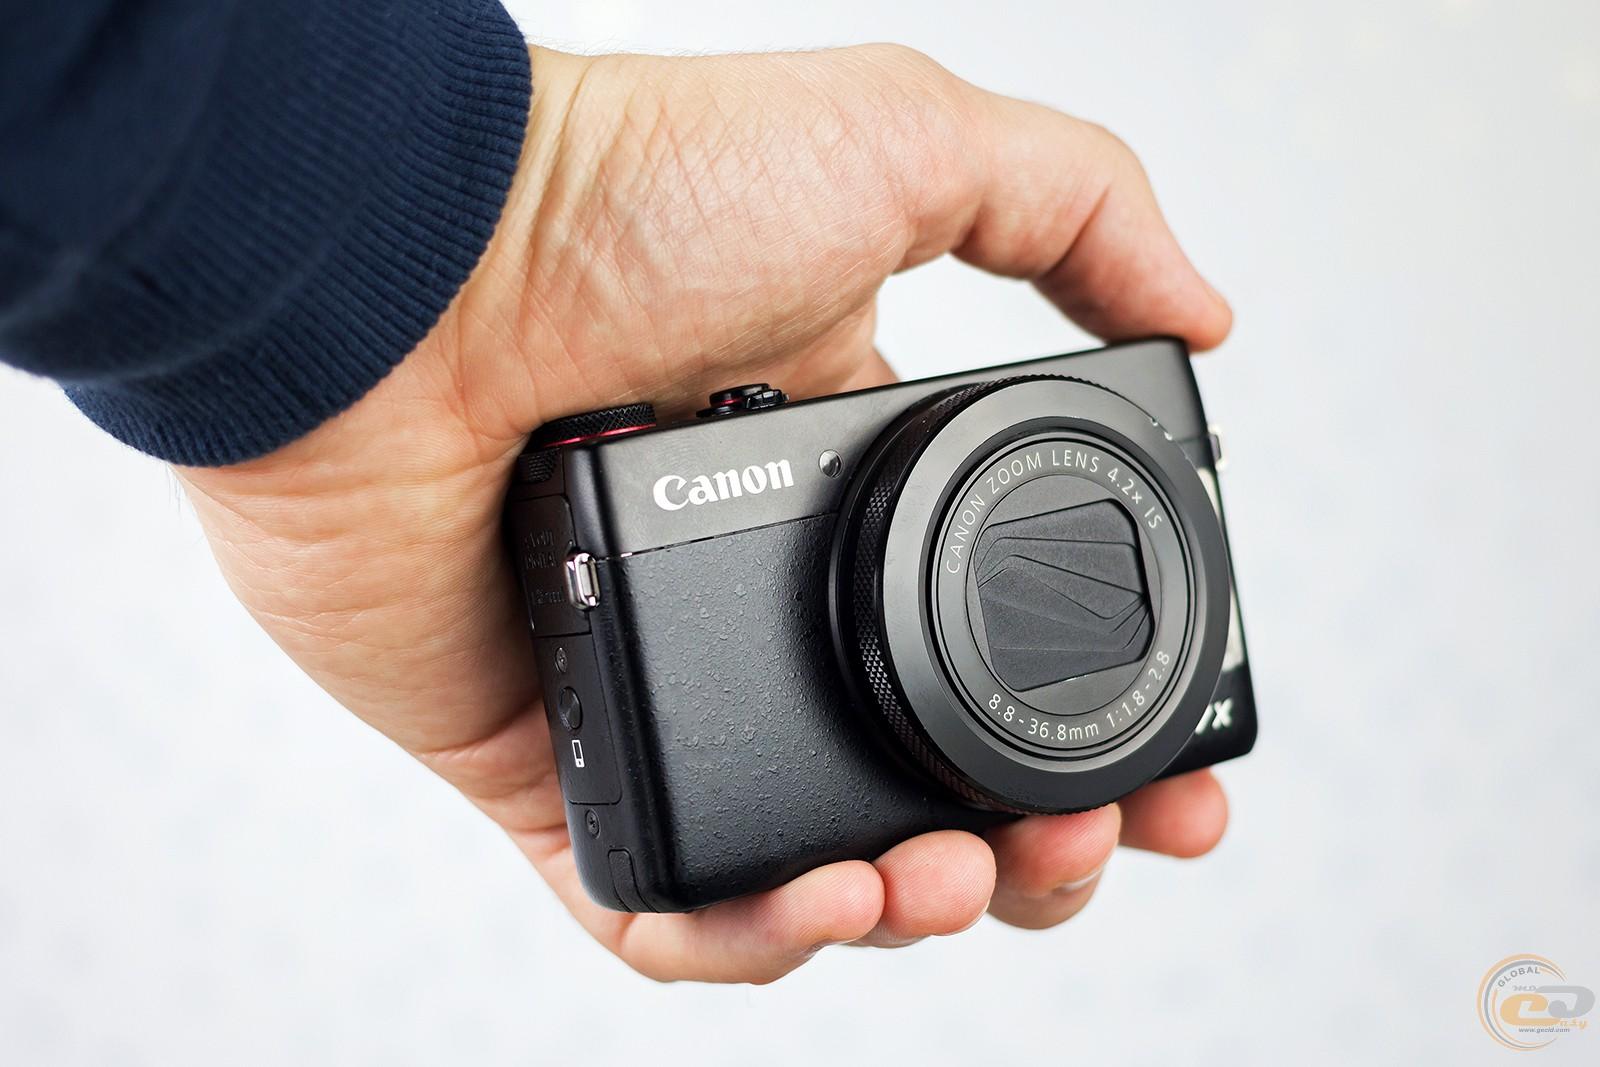 пути независимый тест компактных фотоаппаратов его качественного это